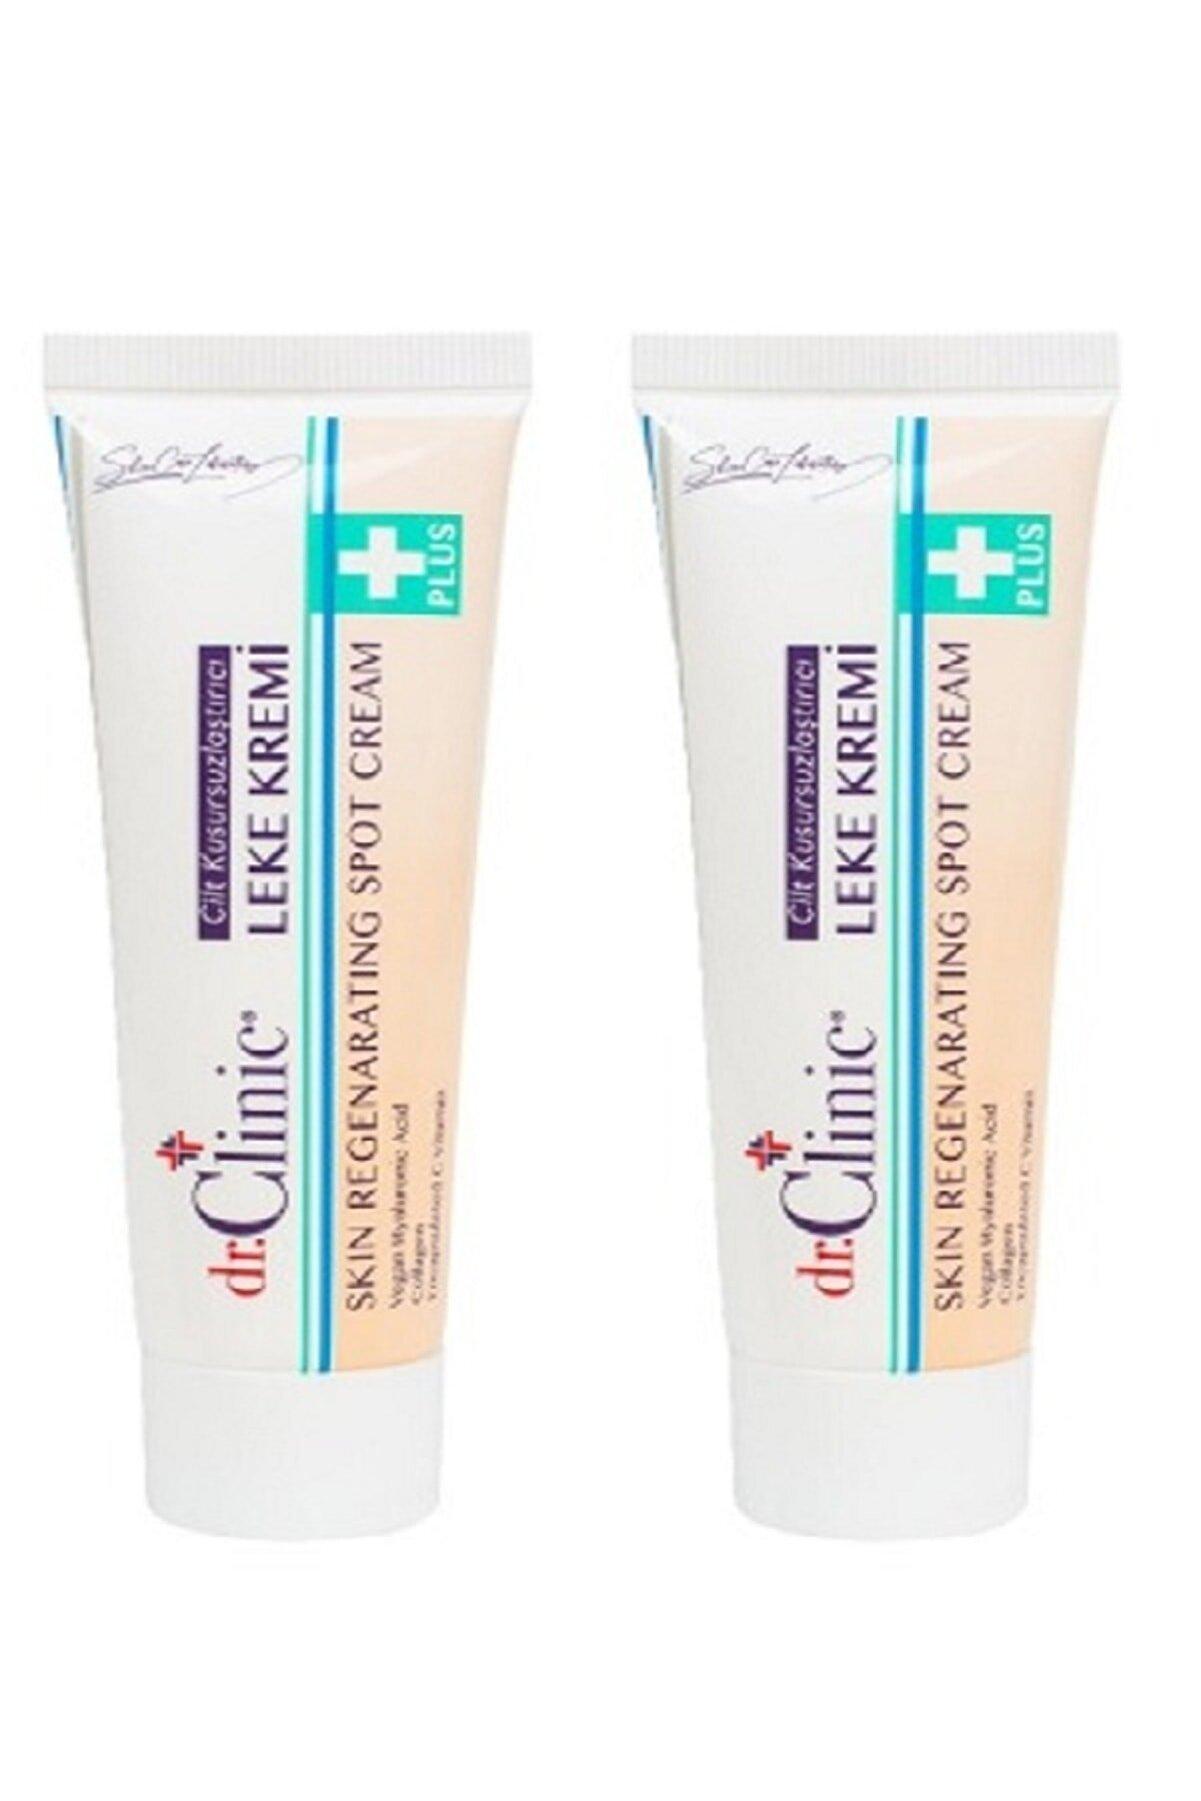 Dr. Clinic Cilt Bakım Kremi 2 Li Cilt Bakım Seti 50 50 ml